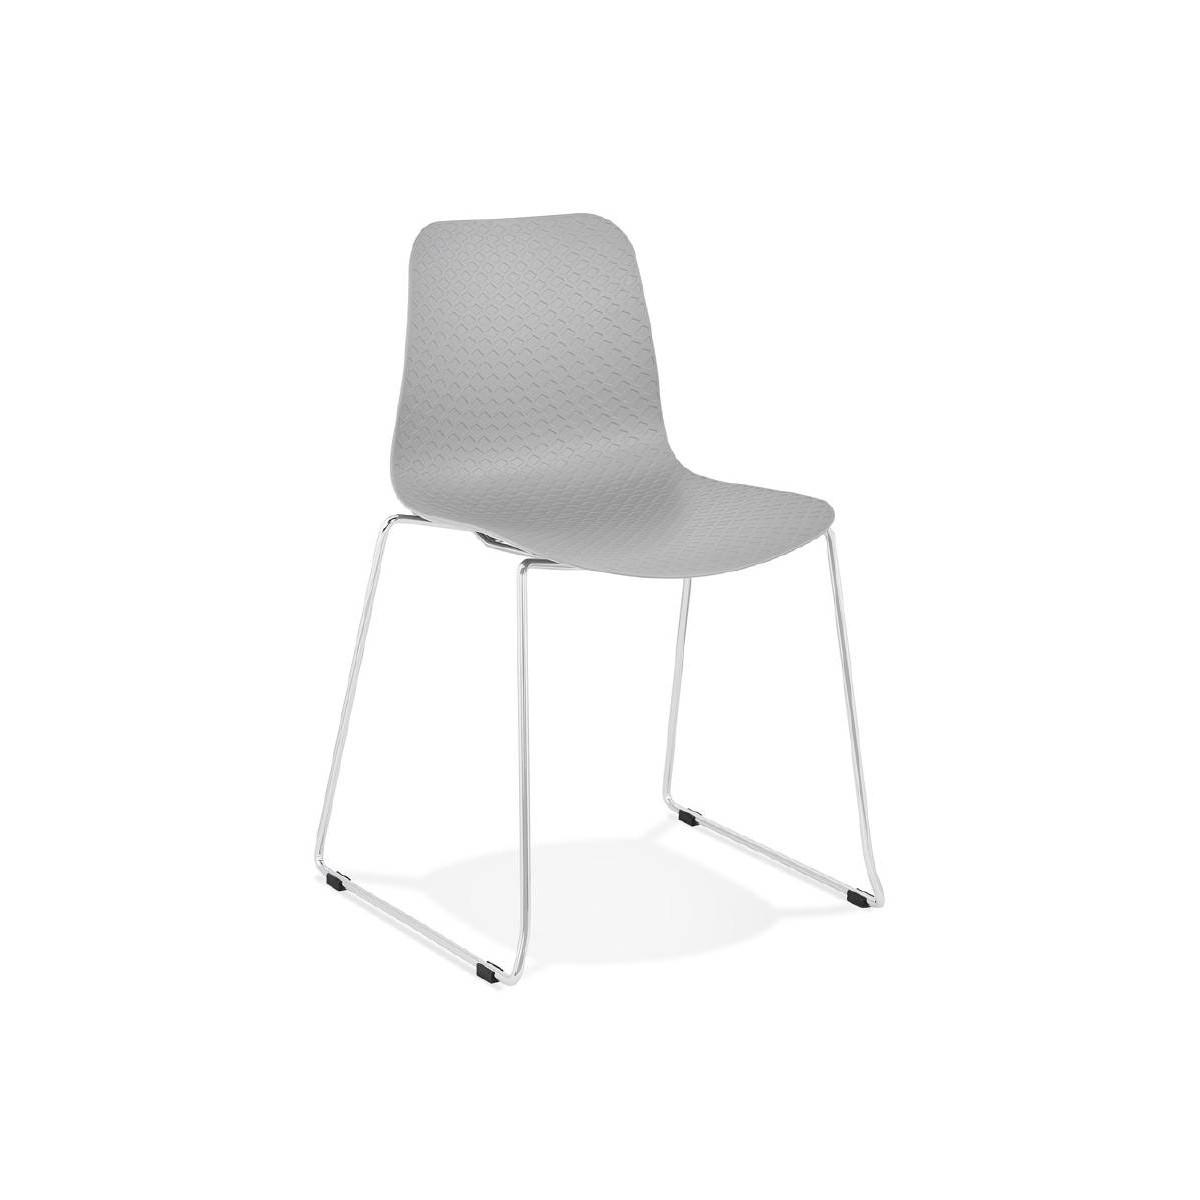 La r/éception de la chambre de salon en m/étal moderne pieds de chaise salon fauteuil moderne plus robuste flanelle,Green